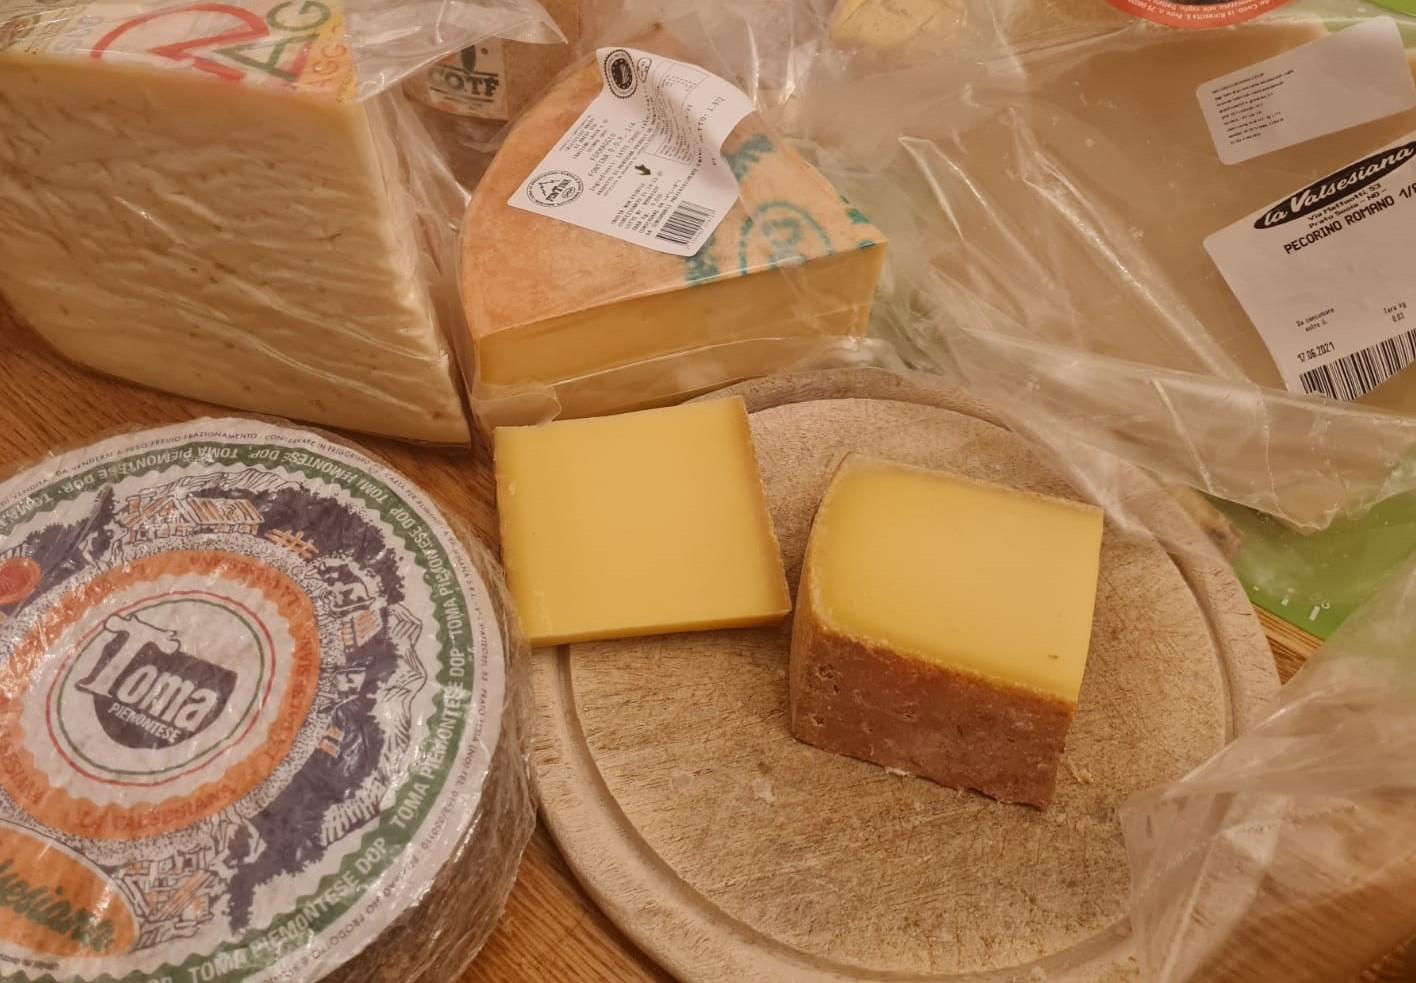 Asiago D.O.P. artisan cheese